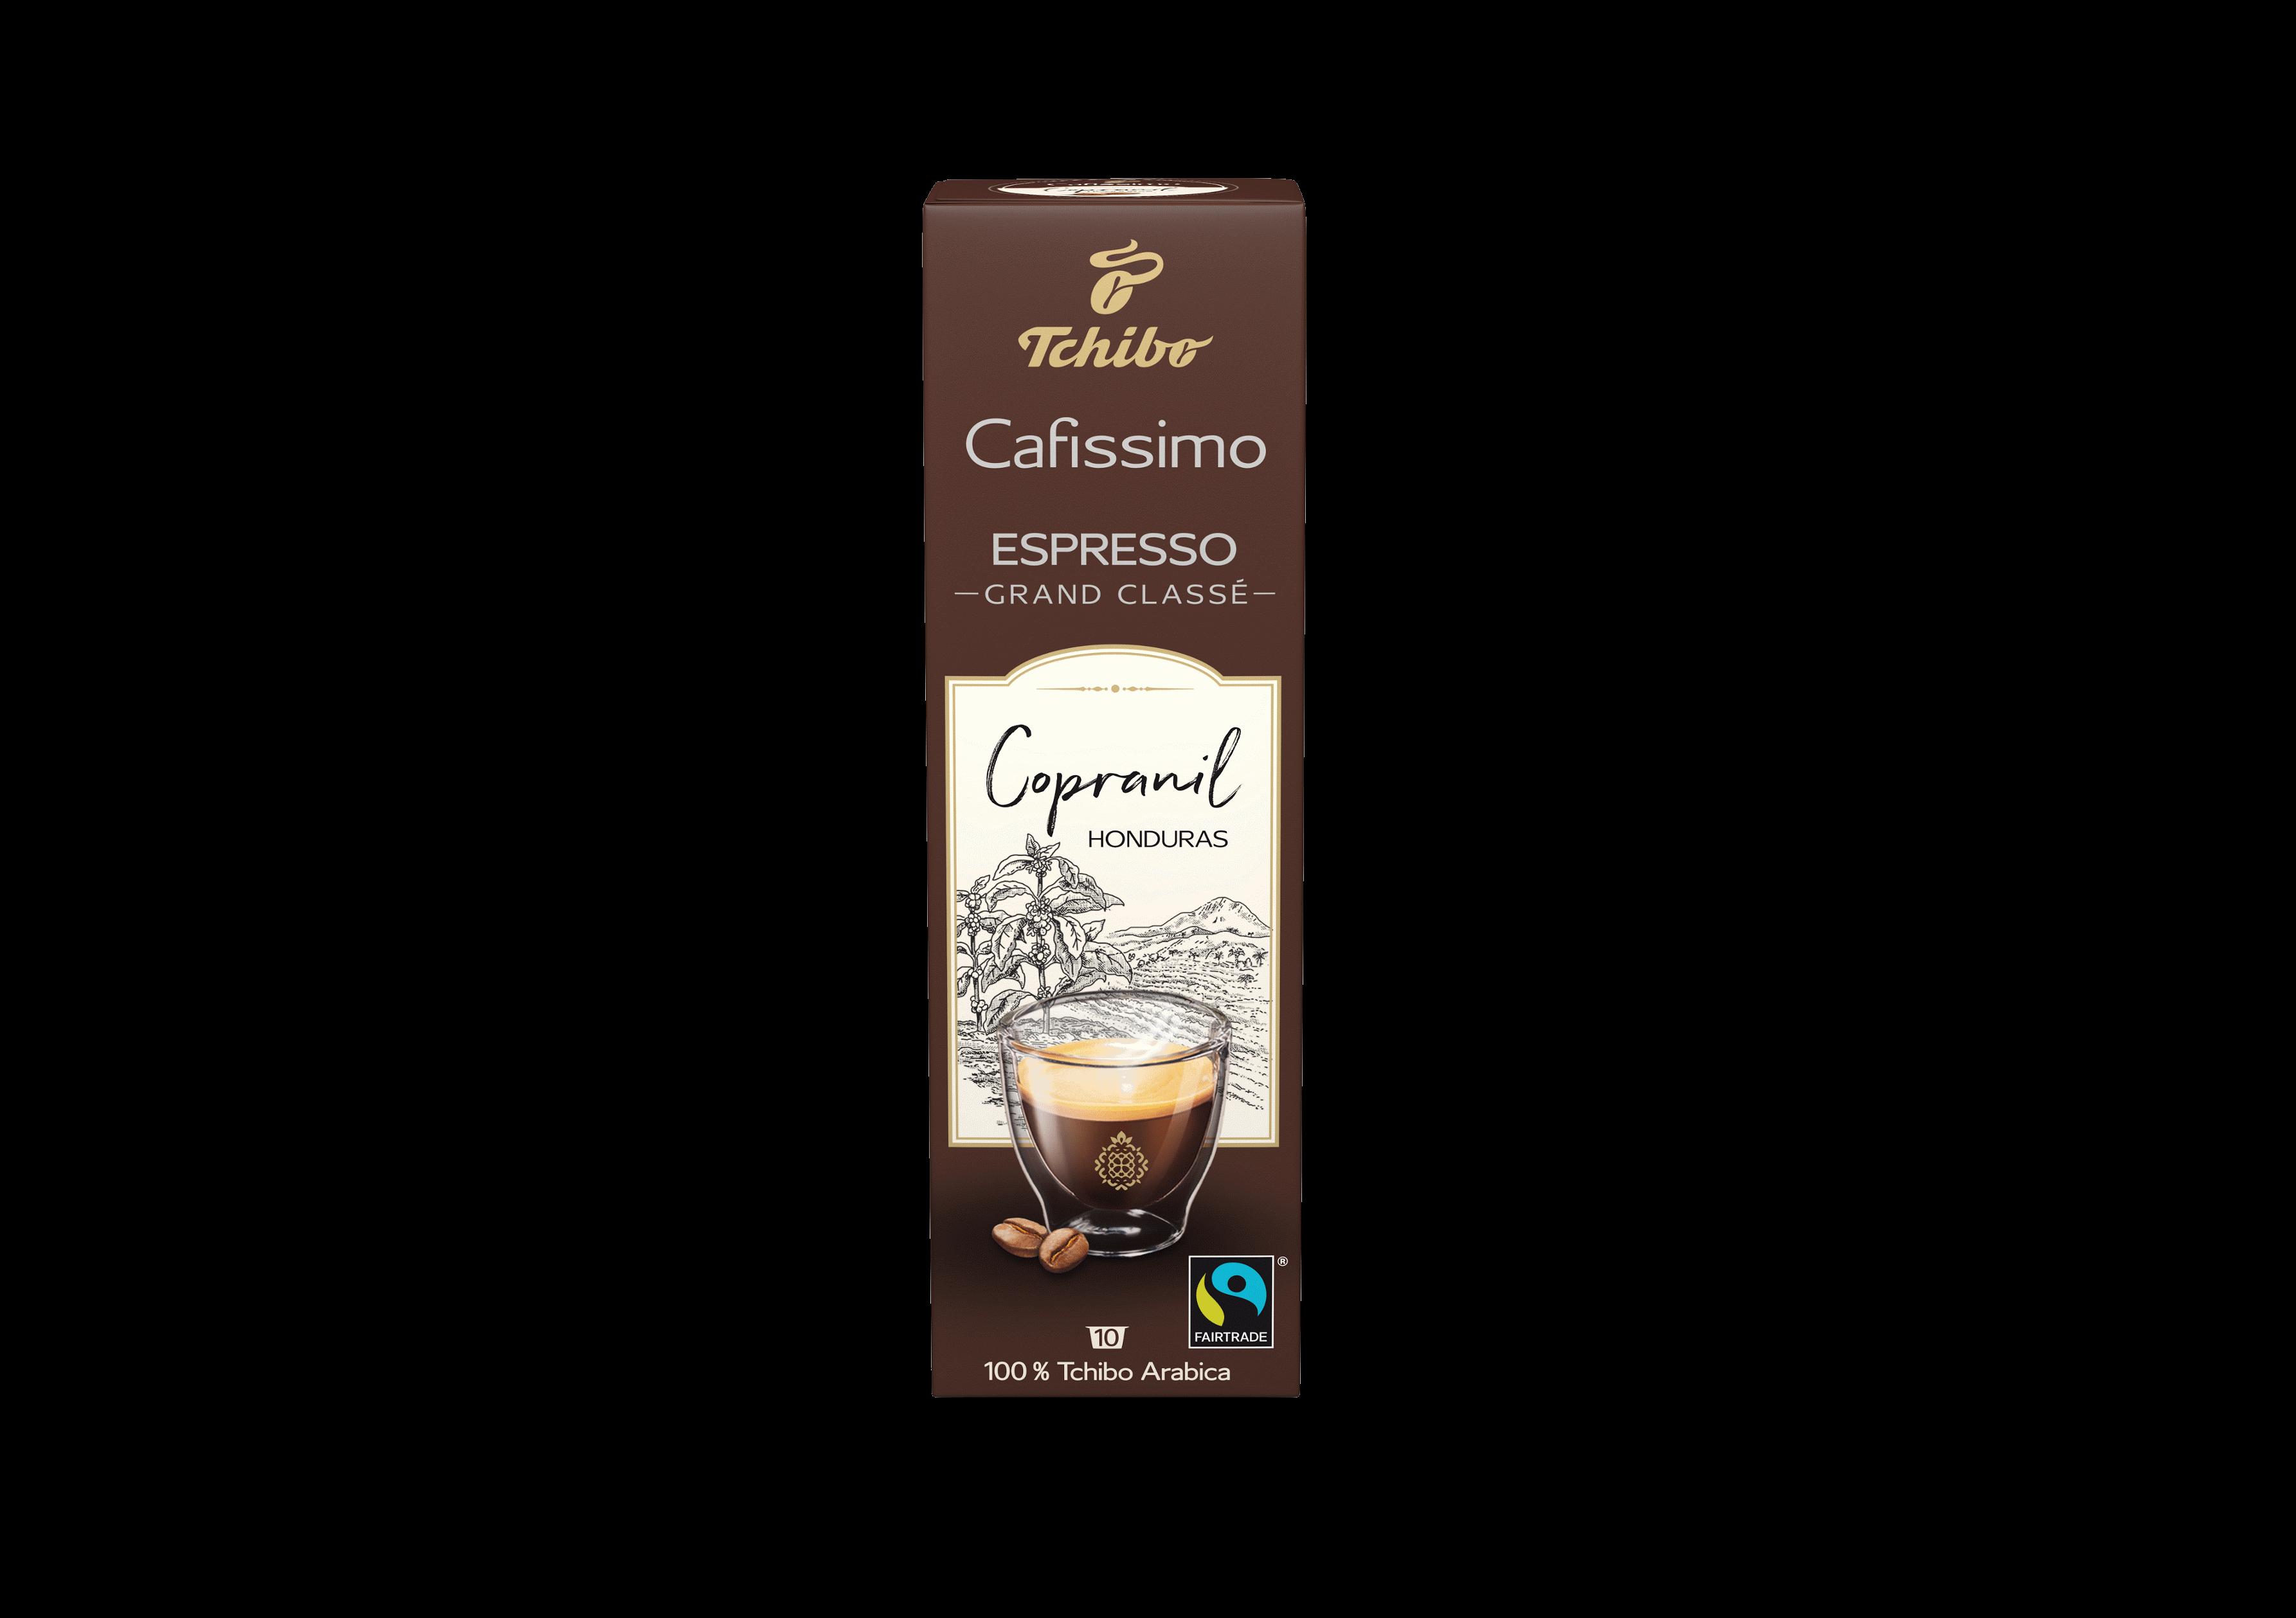 Espresso Grand Classé Copranil